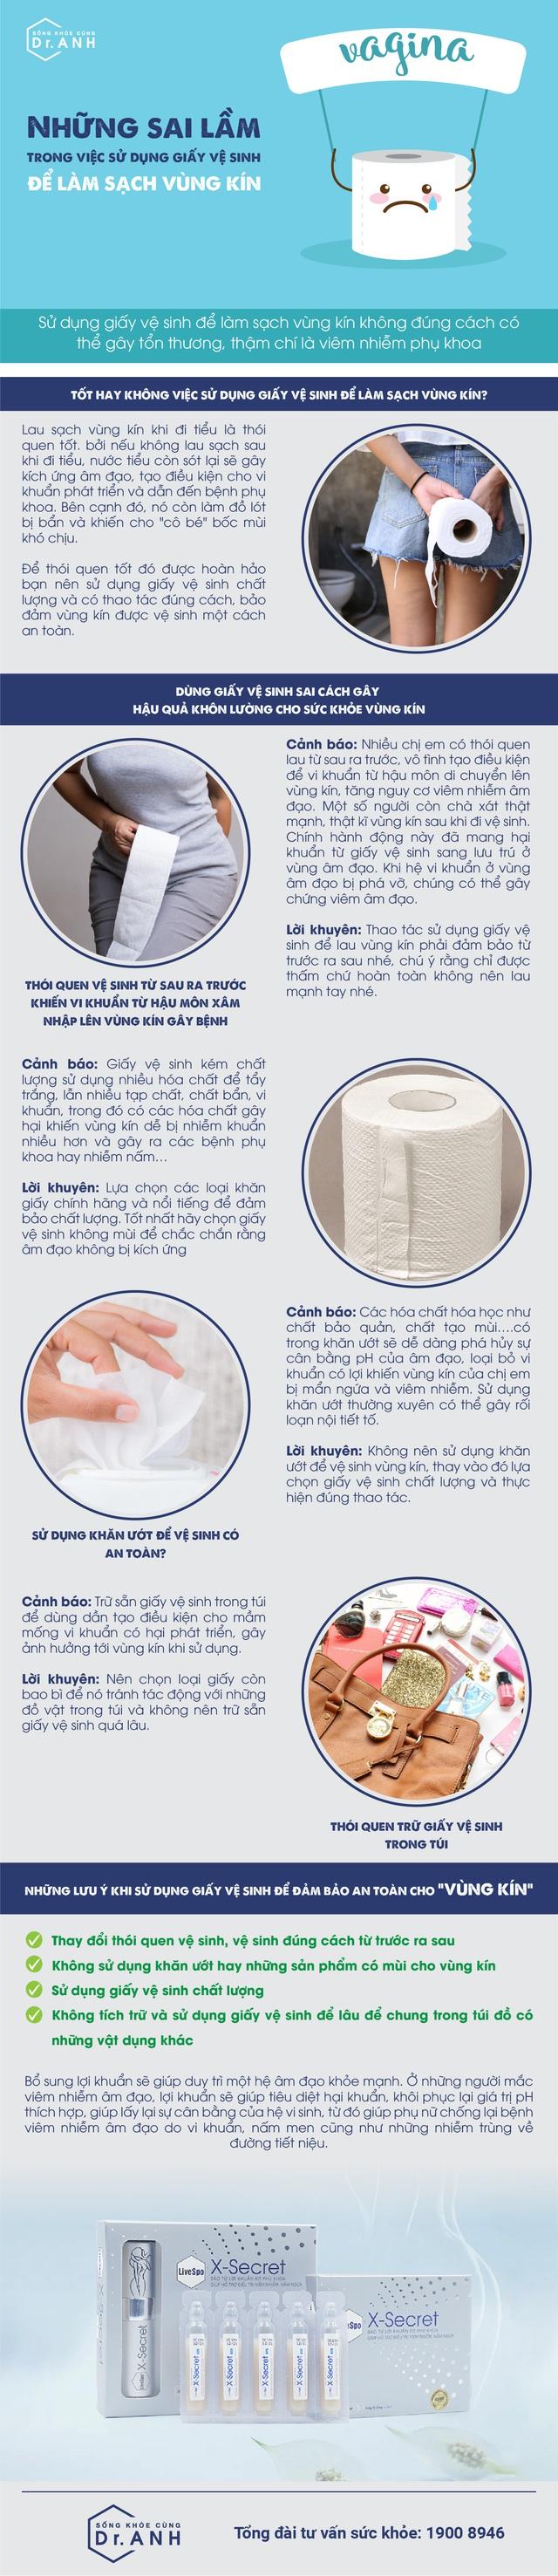 Những sai lầm trong việc sử dụng giấy vệ sinh để làm sạch vùng kín - Ảnh 1.